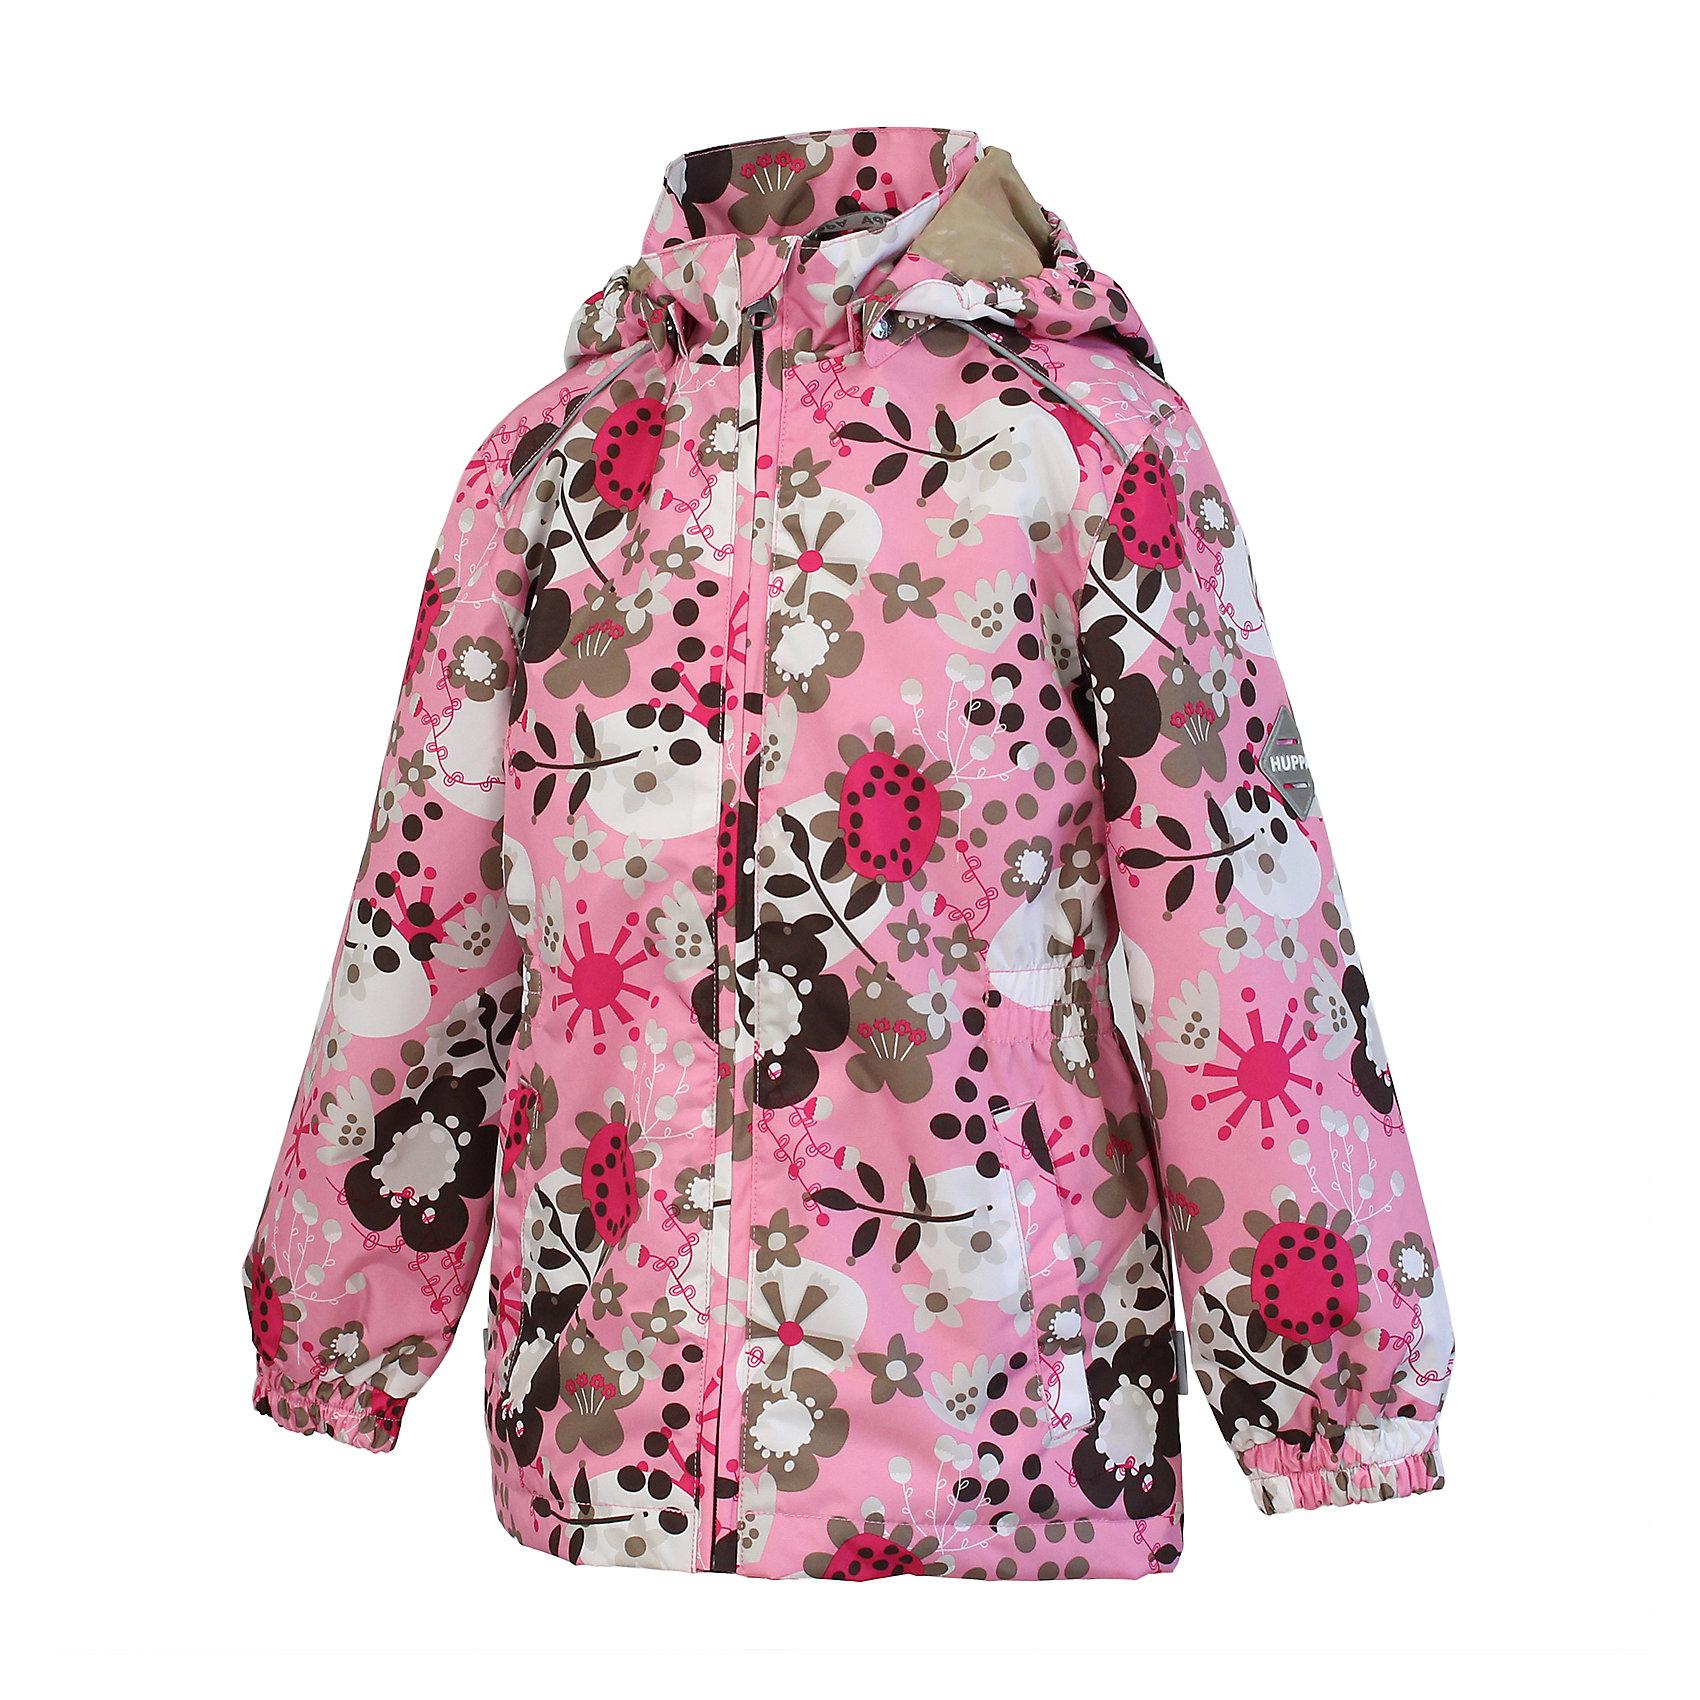 Куртка для девочки HuppaВлагоустойчивая и дышащая ткань 5000/ 5000<br>Мембрана препятствует прохождению воды и ветра сквозь ткань внутрь изделия, позволяя испаряться выделяемой телом, образовывающейся внутри влаге.<br><br>Светоотражательные детали<br>При плохих погодных условиях или в темноте, когда свет падает на одежду, он отражается, делая ребёнка более заметным, уменьшая возможность несчастных случаев.<br><br>Дополнительная информация:<br><br><br>Куртка для девочек<br>Ткань: 100% полиэстер<br>Подкладка: тафта - 100% полиэстер<br><br>Куртку для девочки Huppa можно купить в нашем магазине.<br><br>Ширина мм: 356<br>Глубина мм: 10<br>Высота мм: 245<br>Вес г: 519<br>Цвет: розовый<br>Возраст от месяцев: 24<br>Возраст до месяцев: 36<br>Пол: Женский<br>Возраст: Детский<br>Размер: 92,110,98,128,104,116,122,134<br>SKU: 4595370